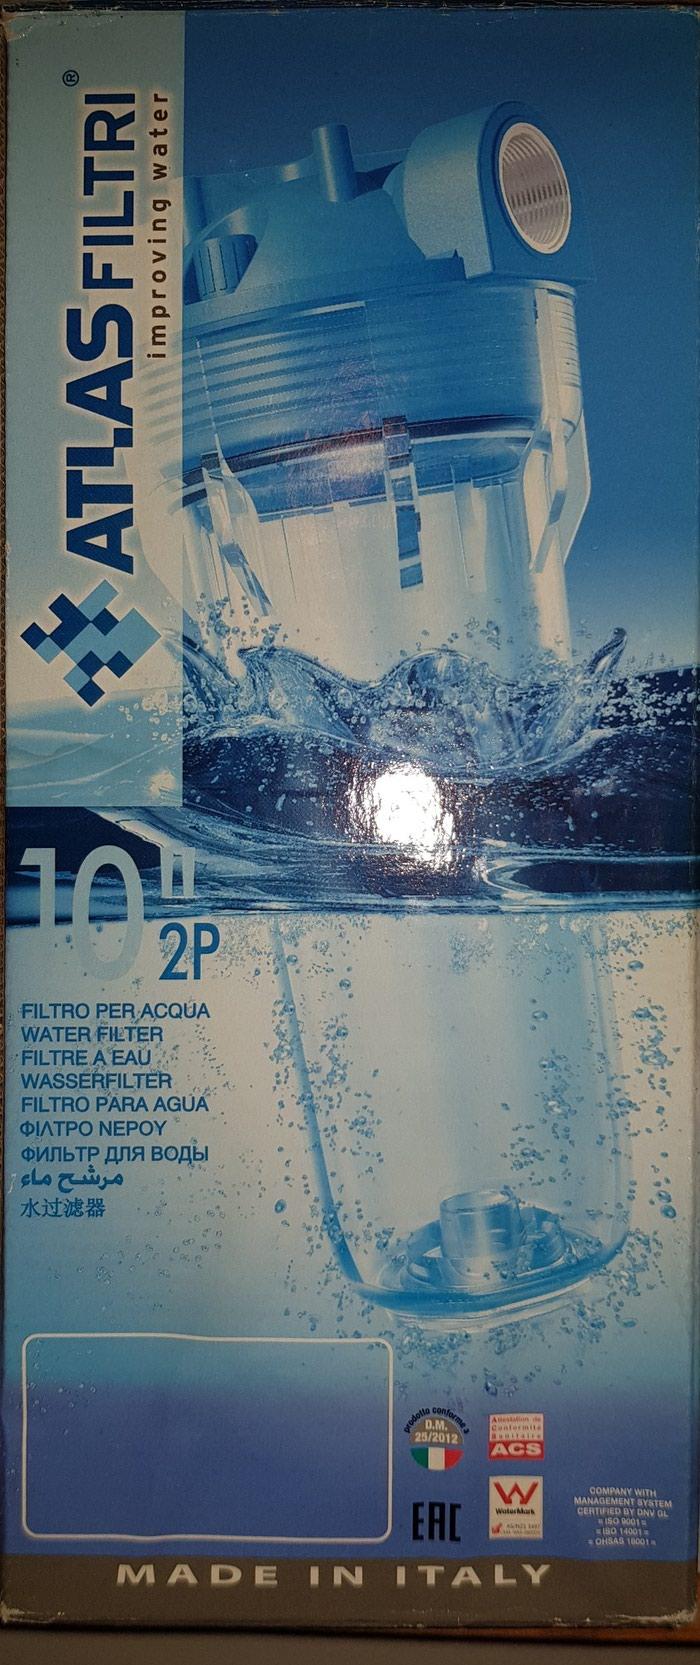 Καινουριο φιλτρο νερου.. Photo 0